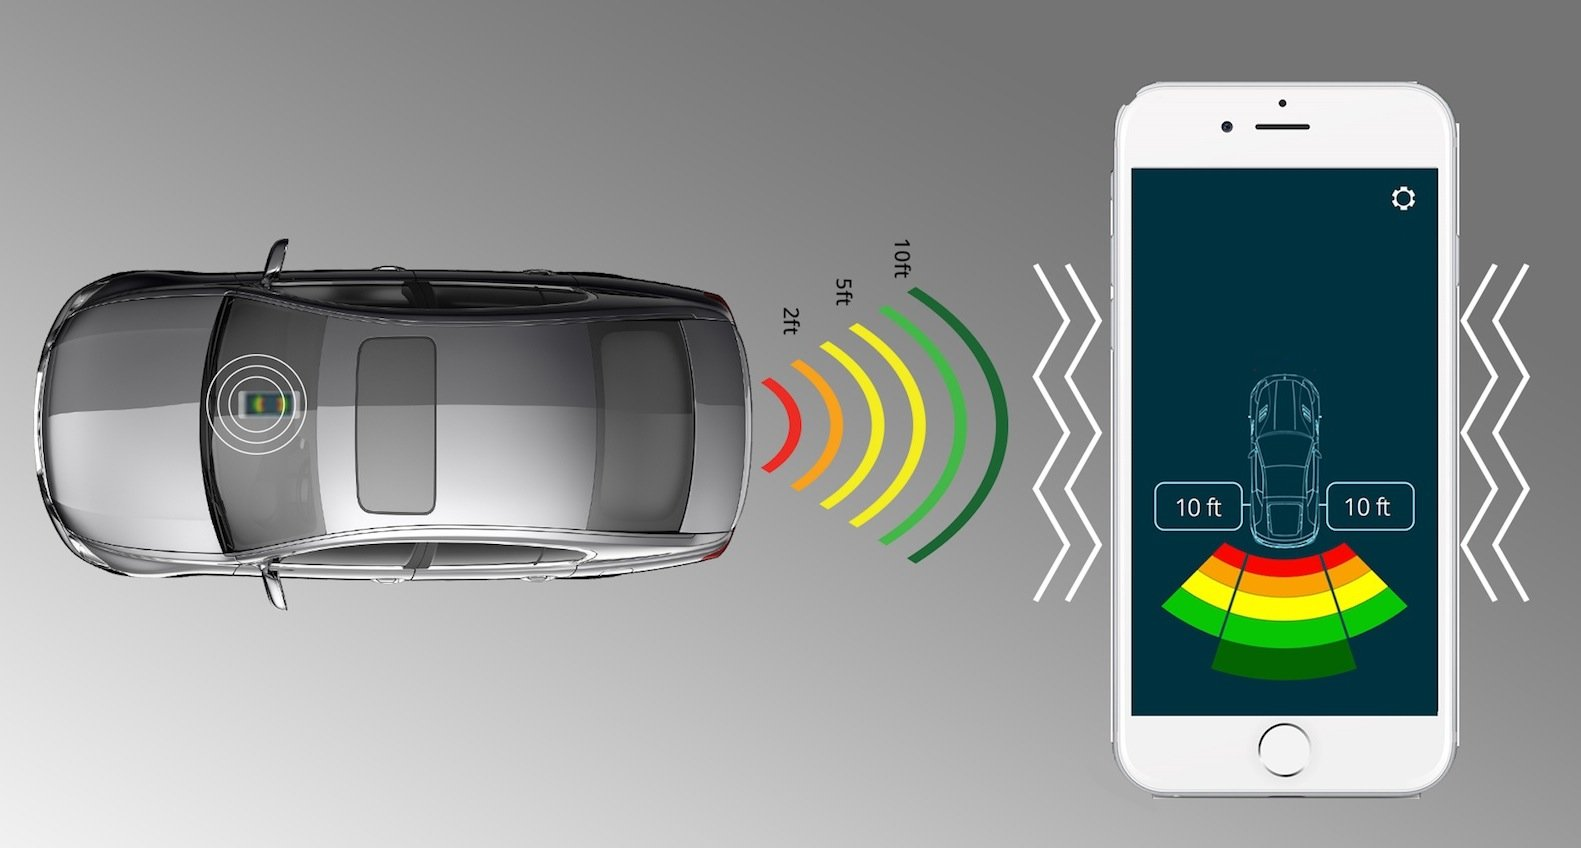 Wie bei fest installierten Systemen erscheint auf dem Smartphone eine Grafik mit den Abständen auf dem Display, außerdem macht das FenSens-System auch akustisch auf kleiner werdende Distanzen aufmerksam.